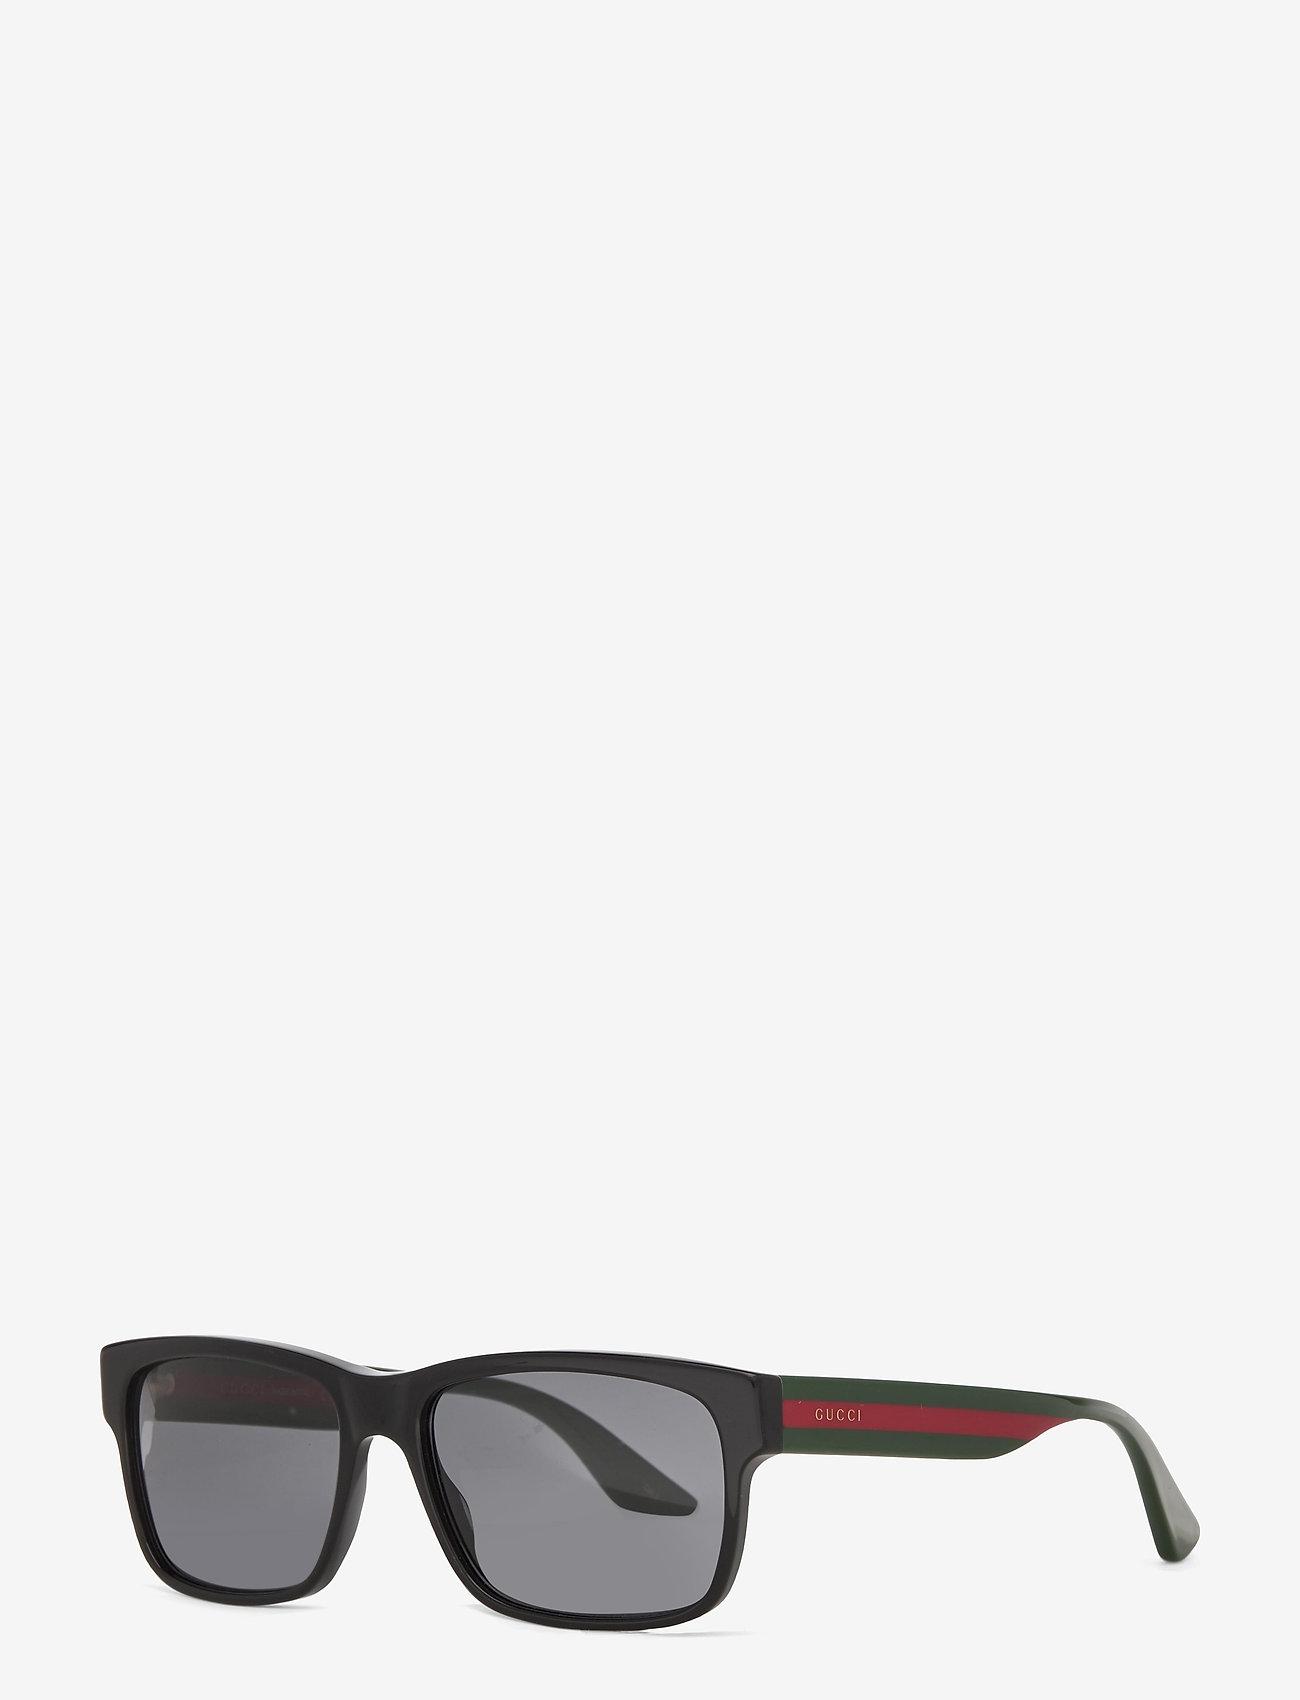 Gucci Sunglasses - GG0340S - black-multicolor-grey - 1